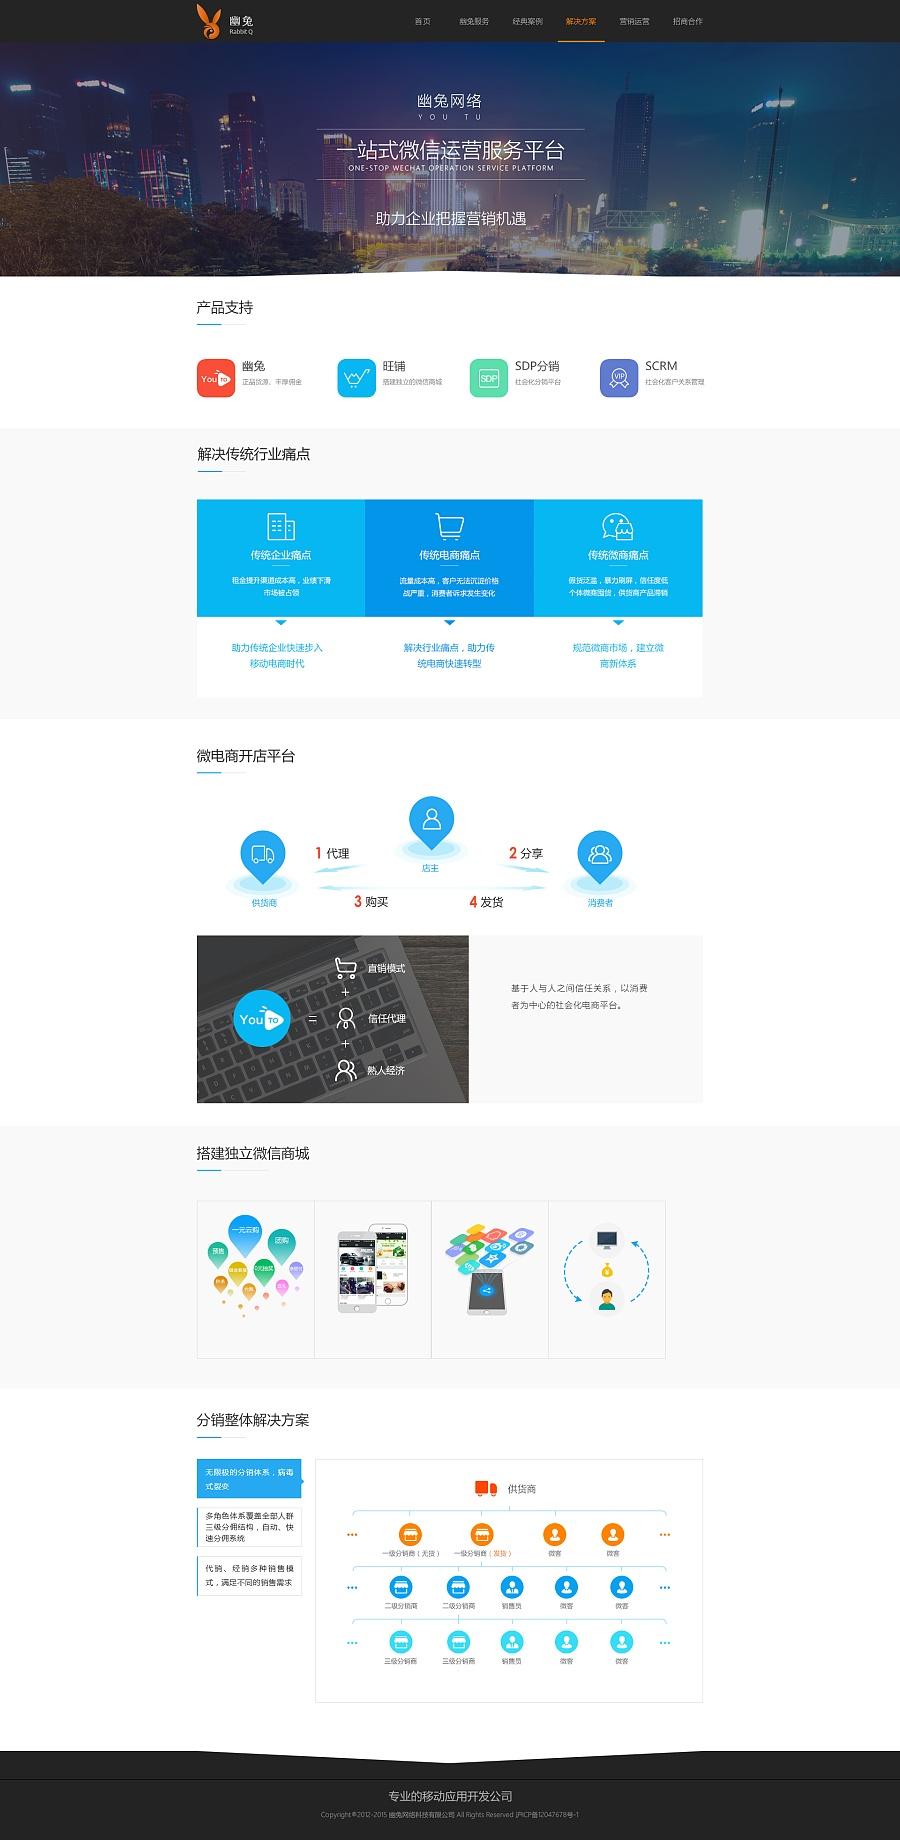 互联网产品开发与v平台平台|网页设计UI|国外楼顶房子设计图图片